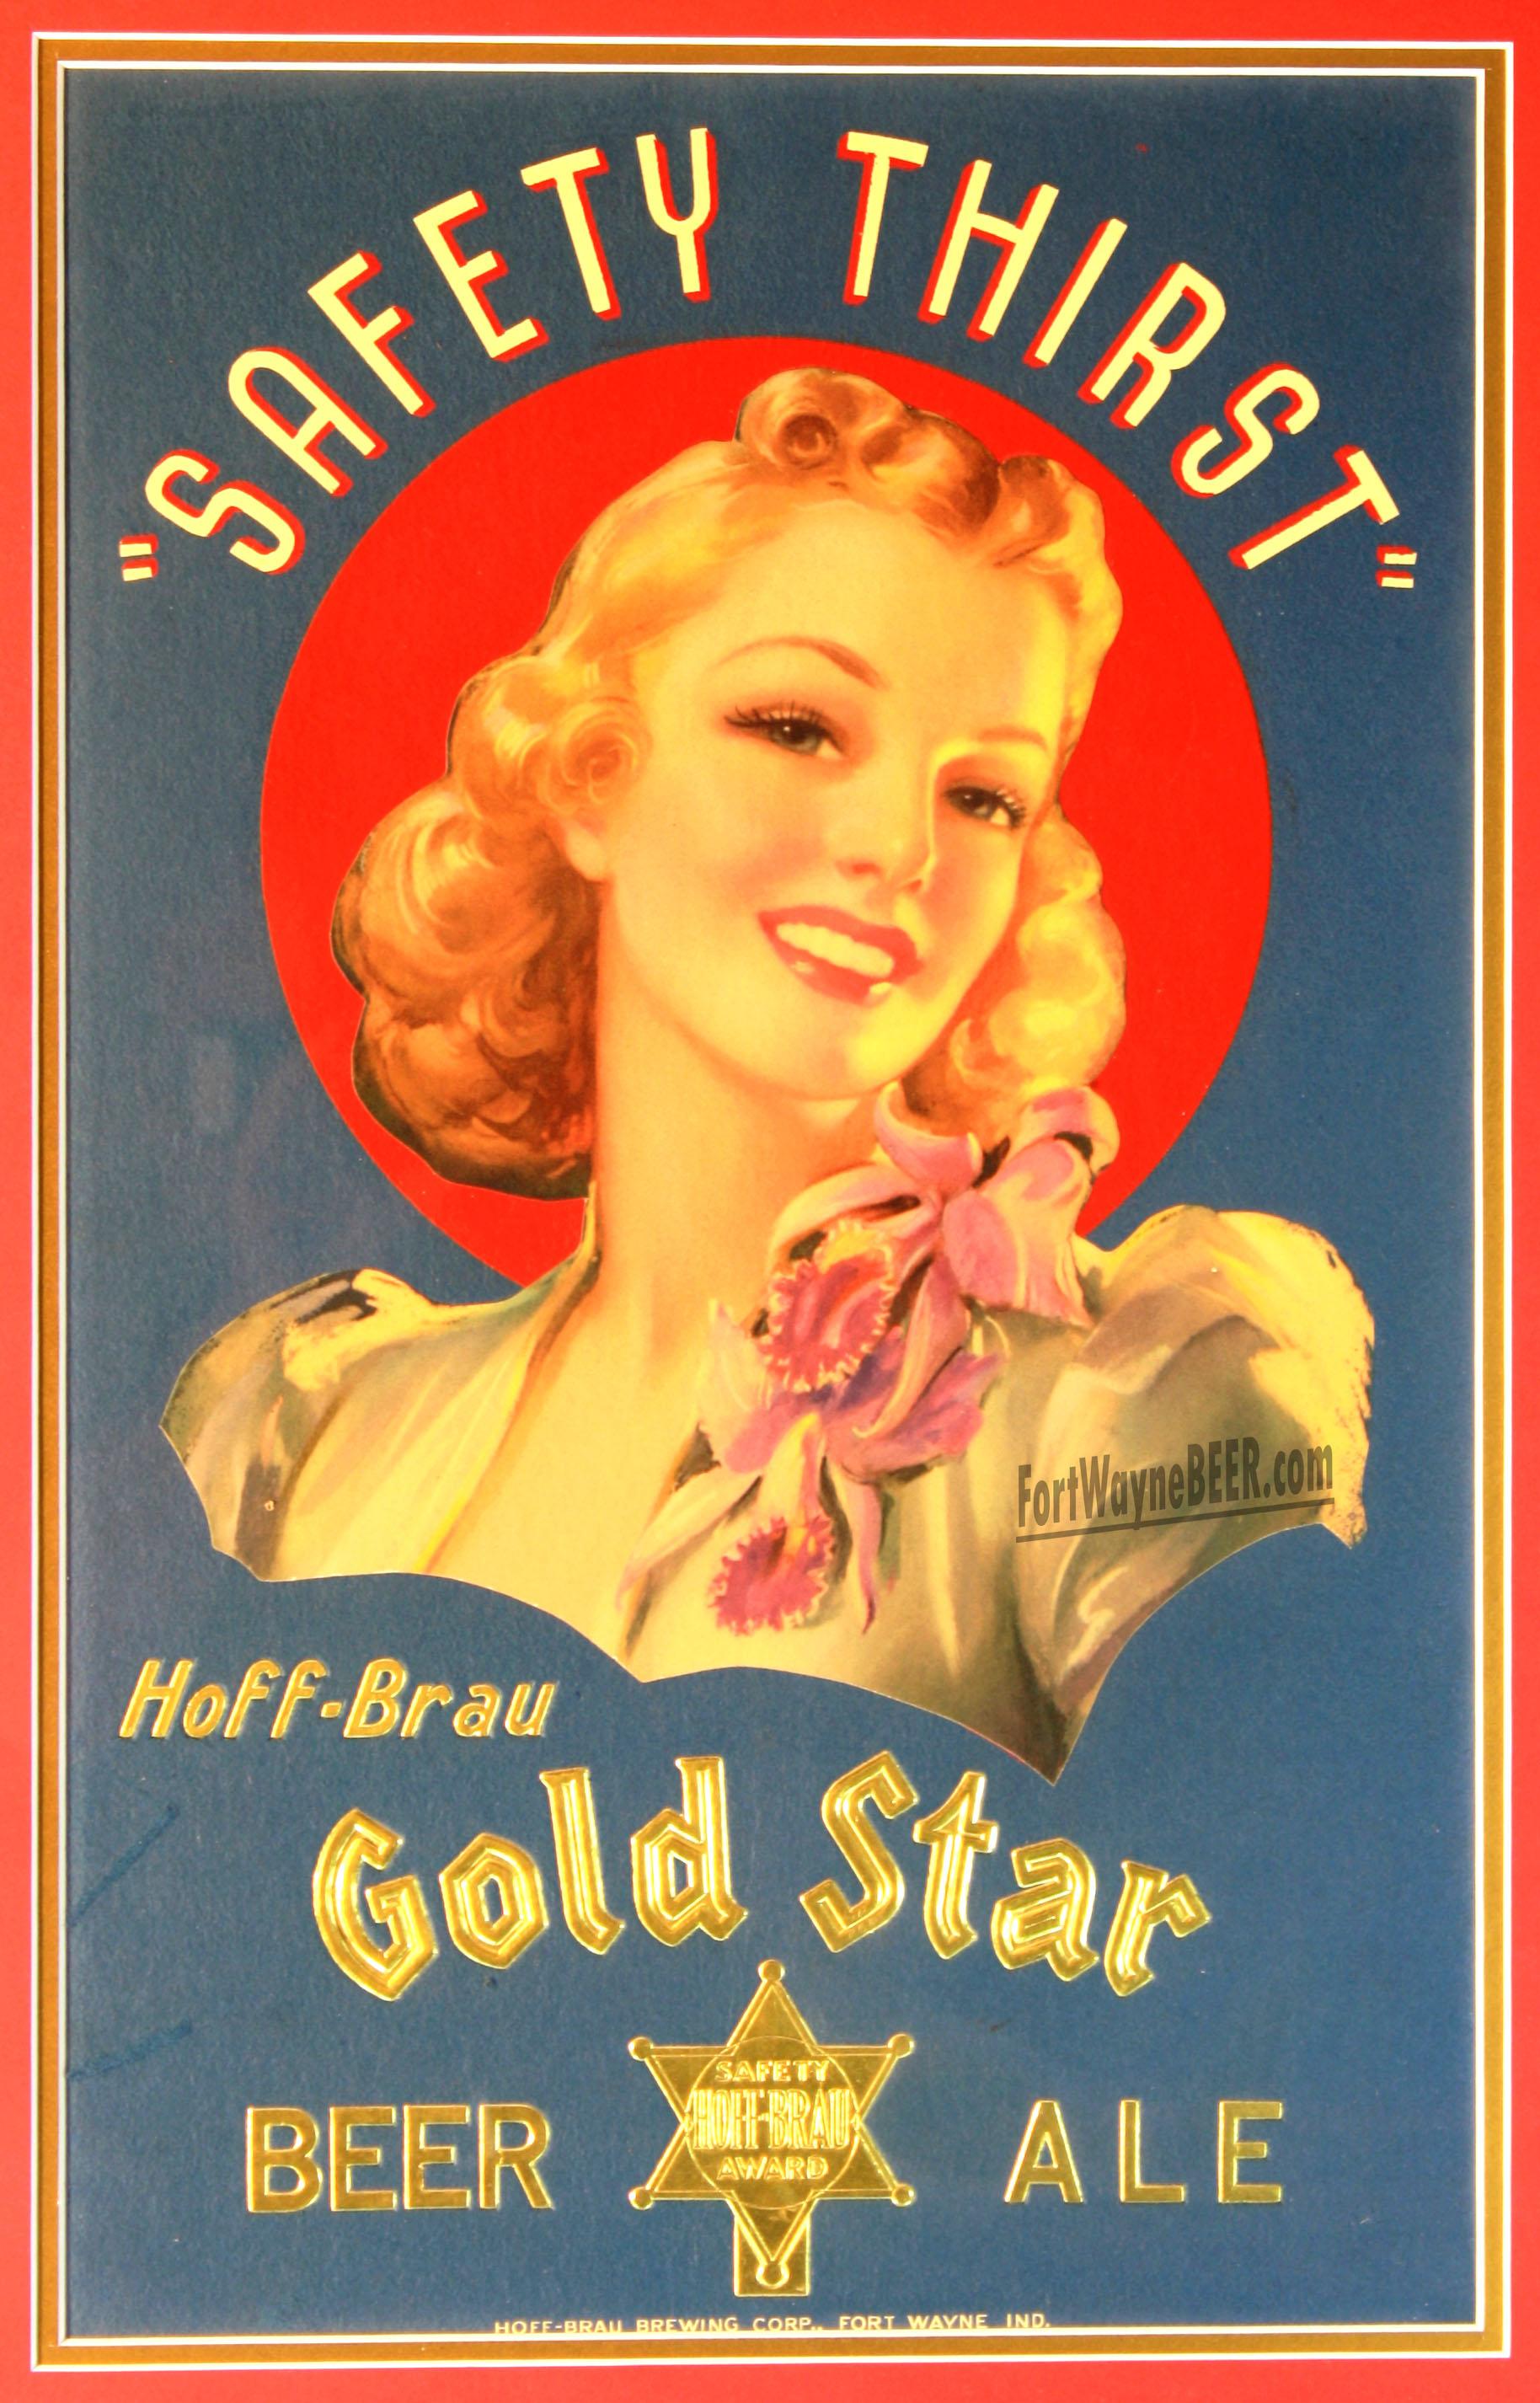 Hoff-Brau Beer Sign 2 copy.jpg